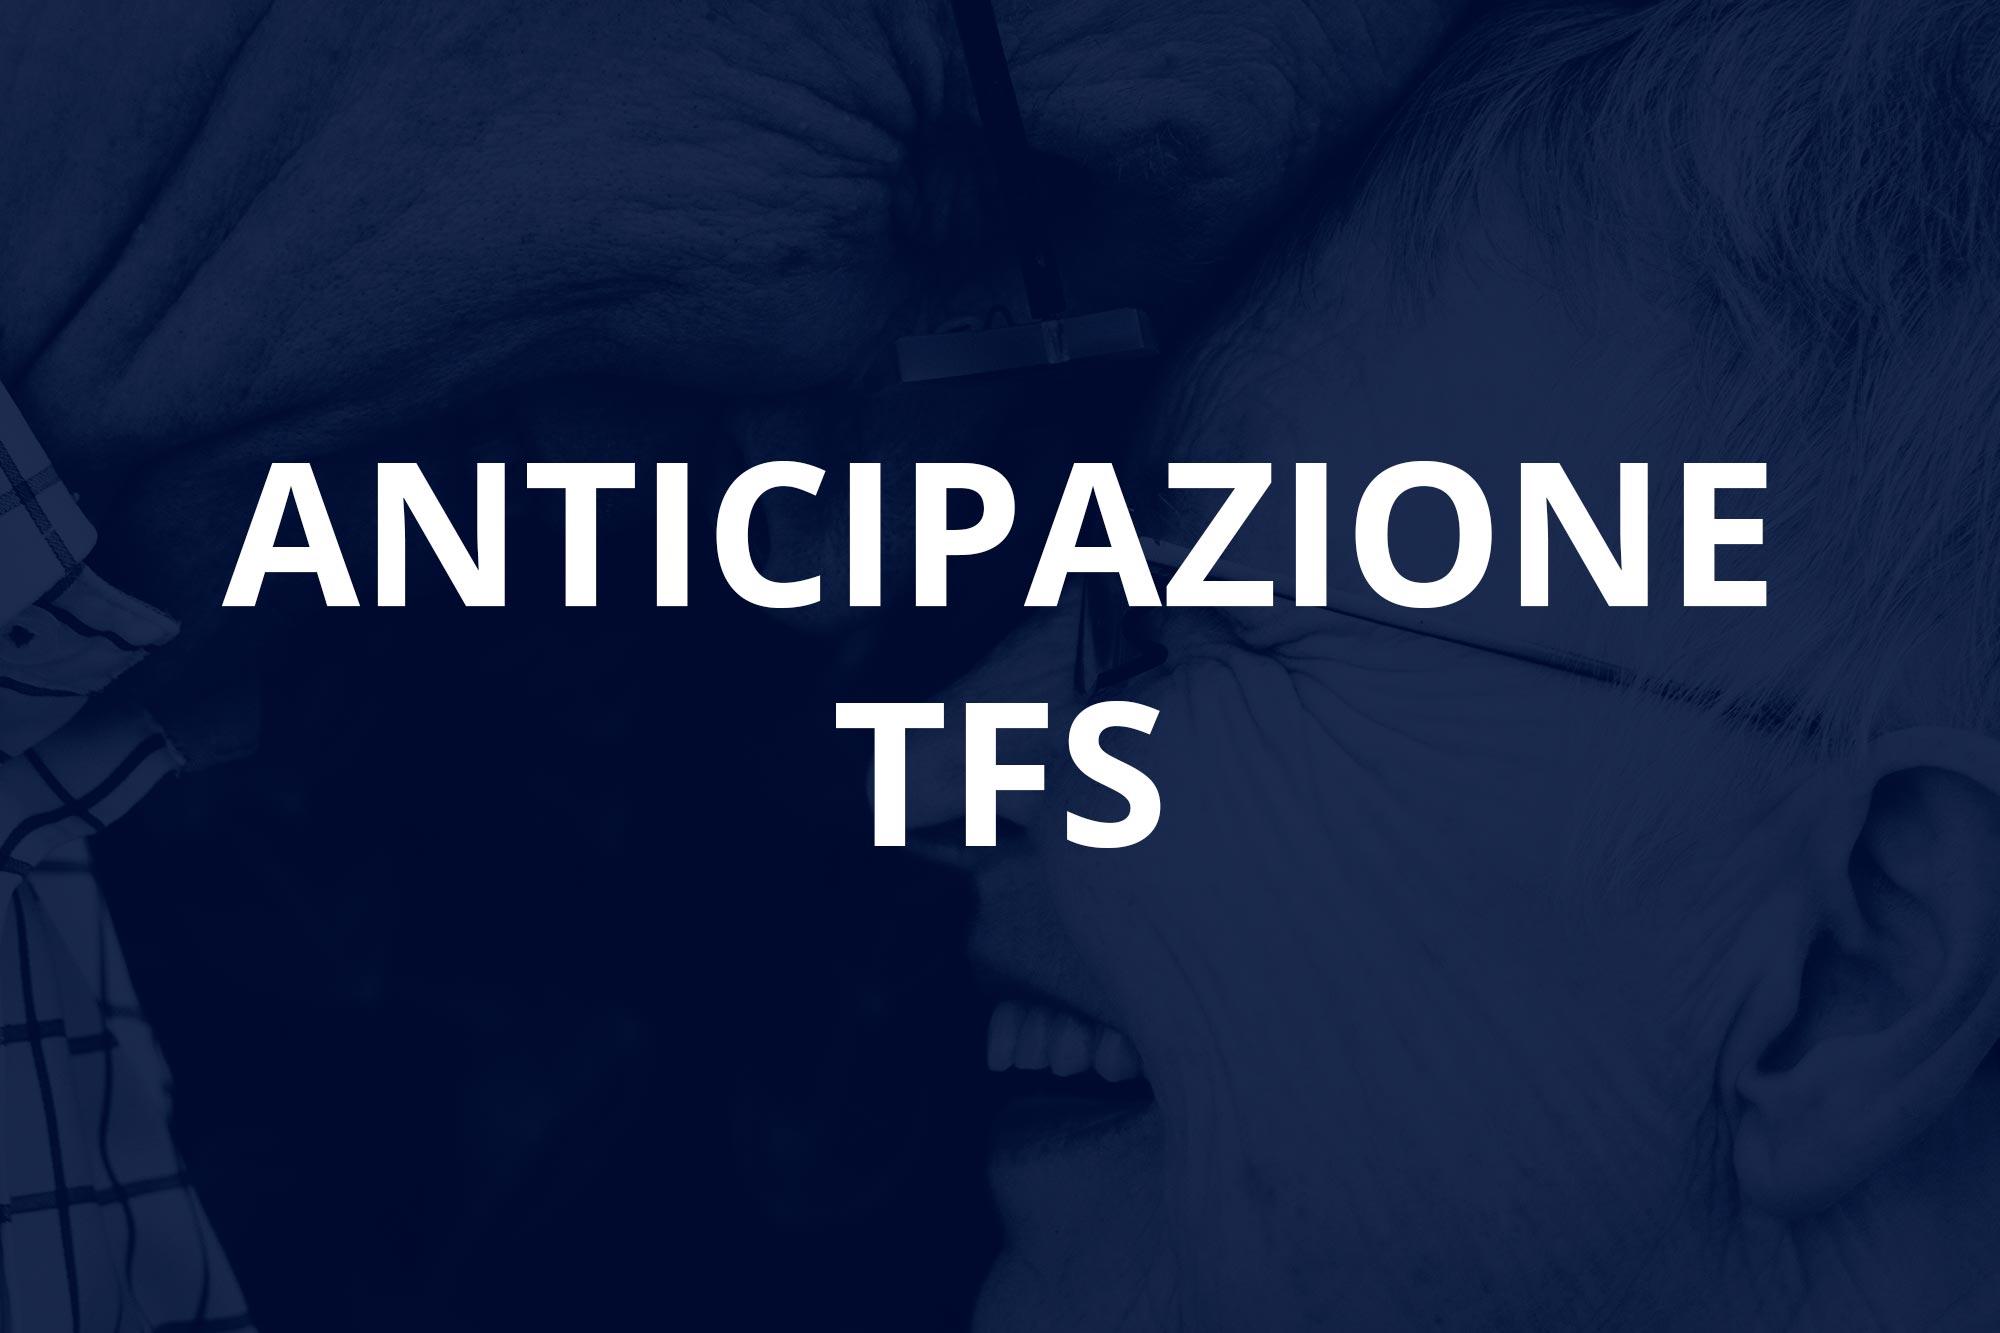 Anticipazione TFS   Realizziamo i tuoi sogni   Gruppo